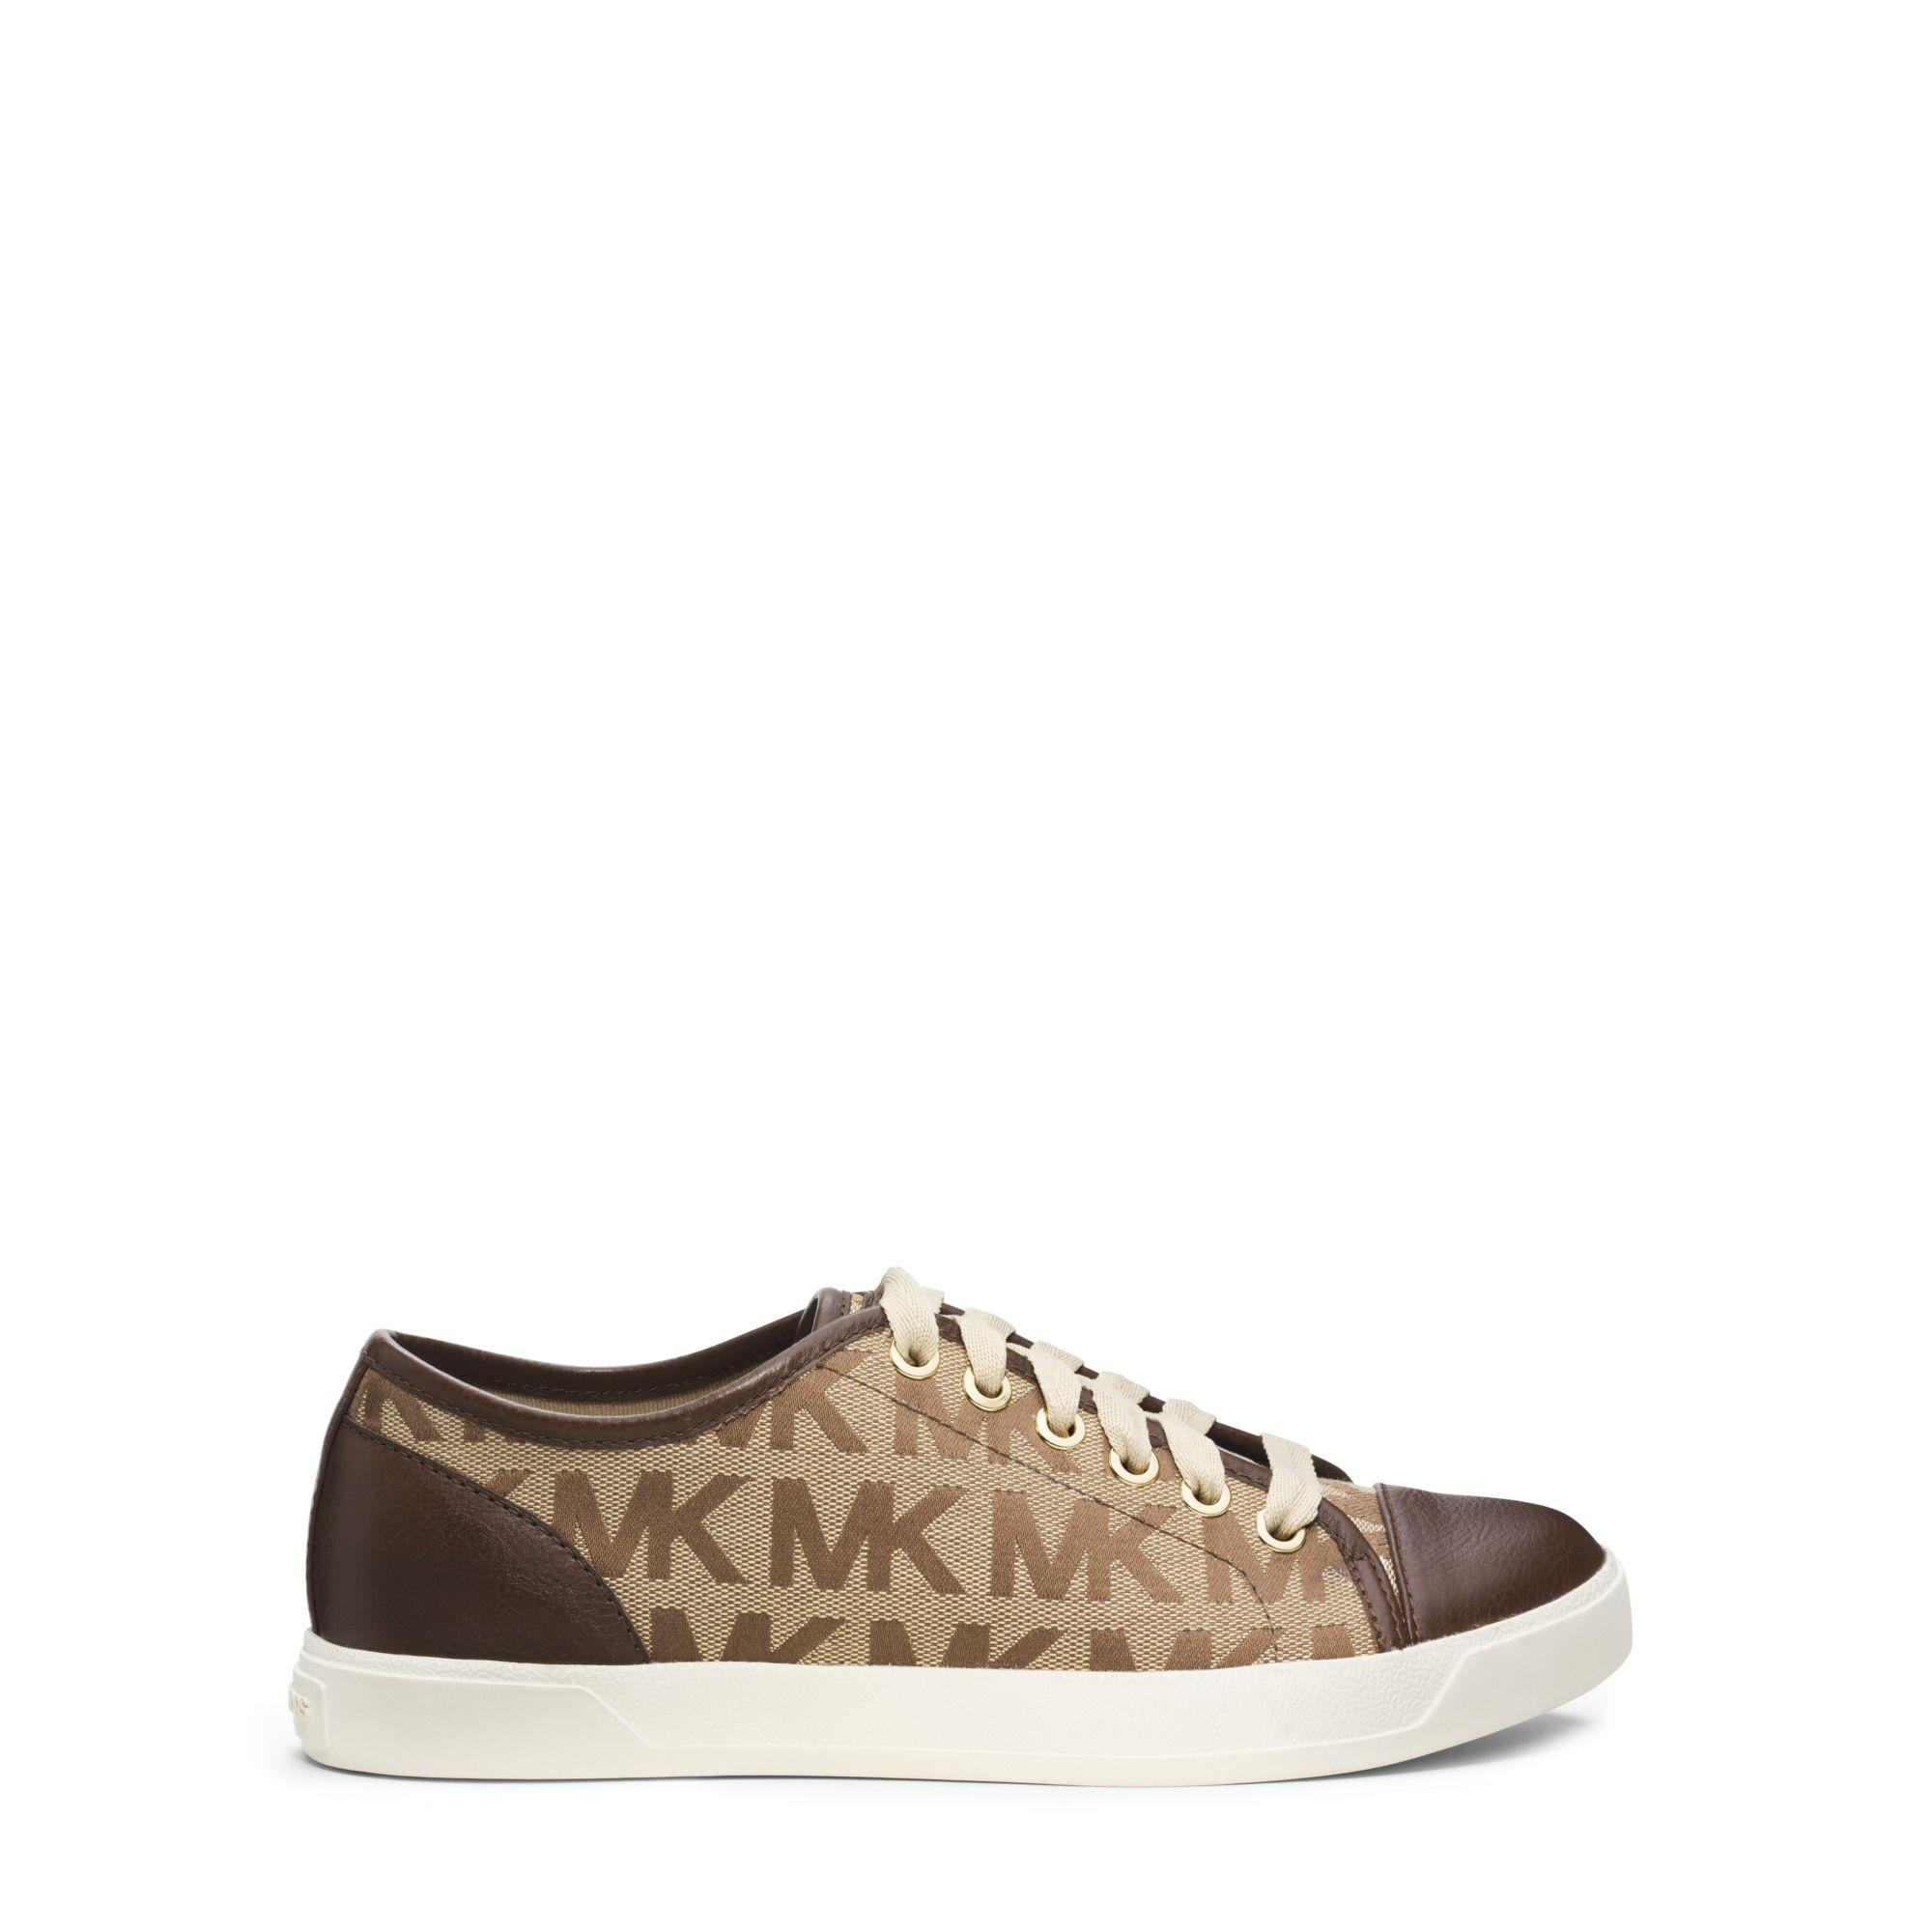 ee09246bb1c19 Lyst - Michael Kors Logo-print Metallic Leather Sneaker in Brown